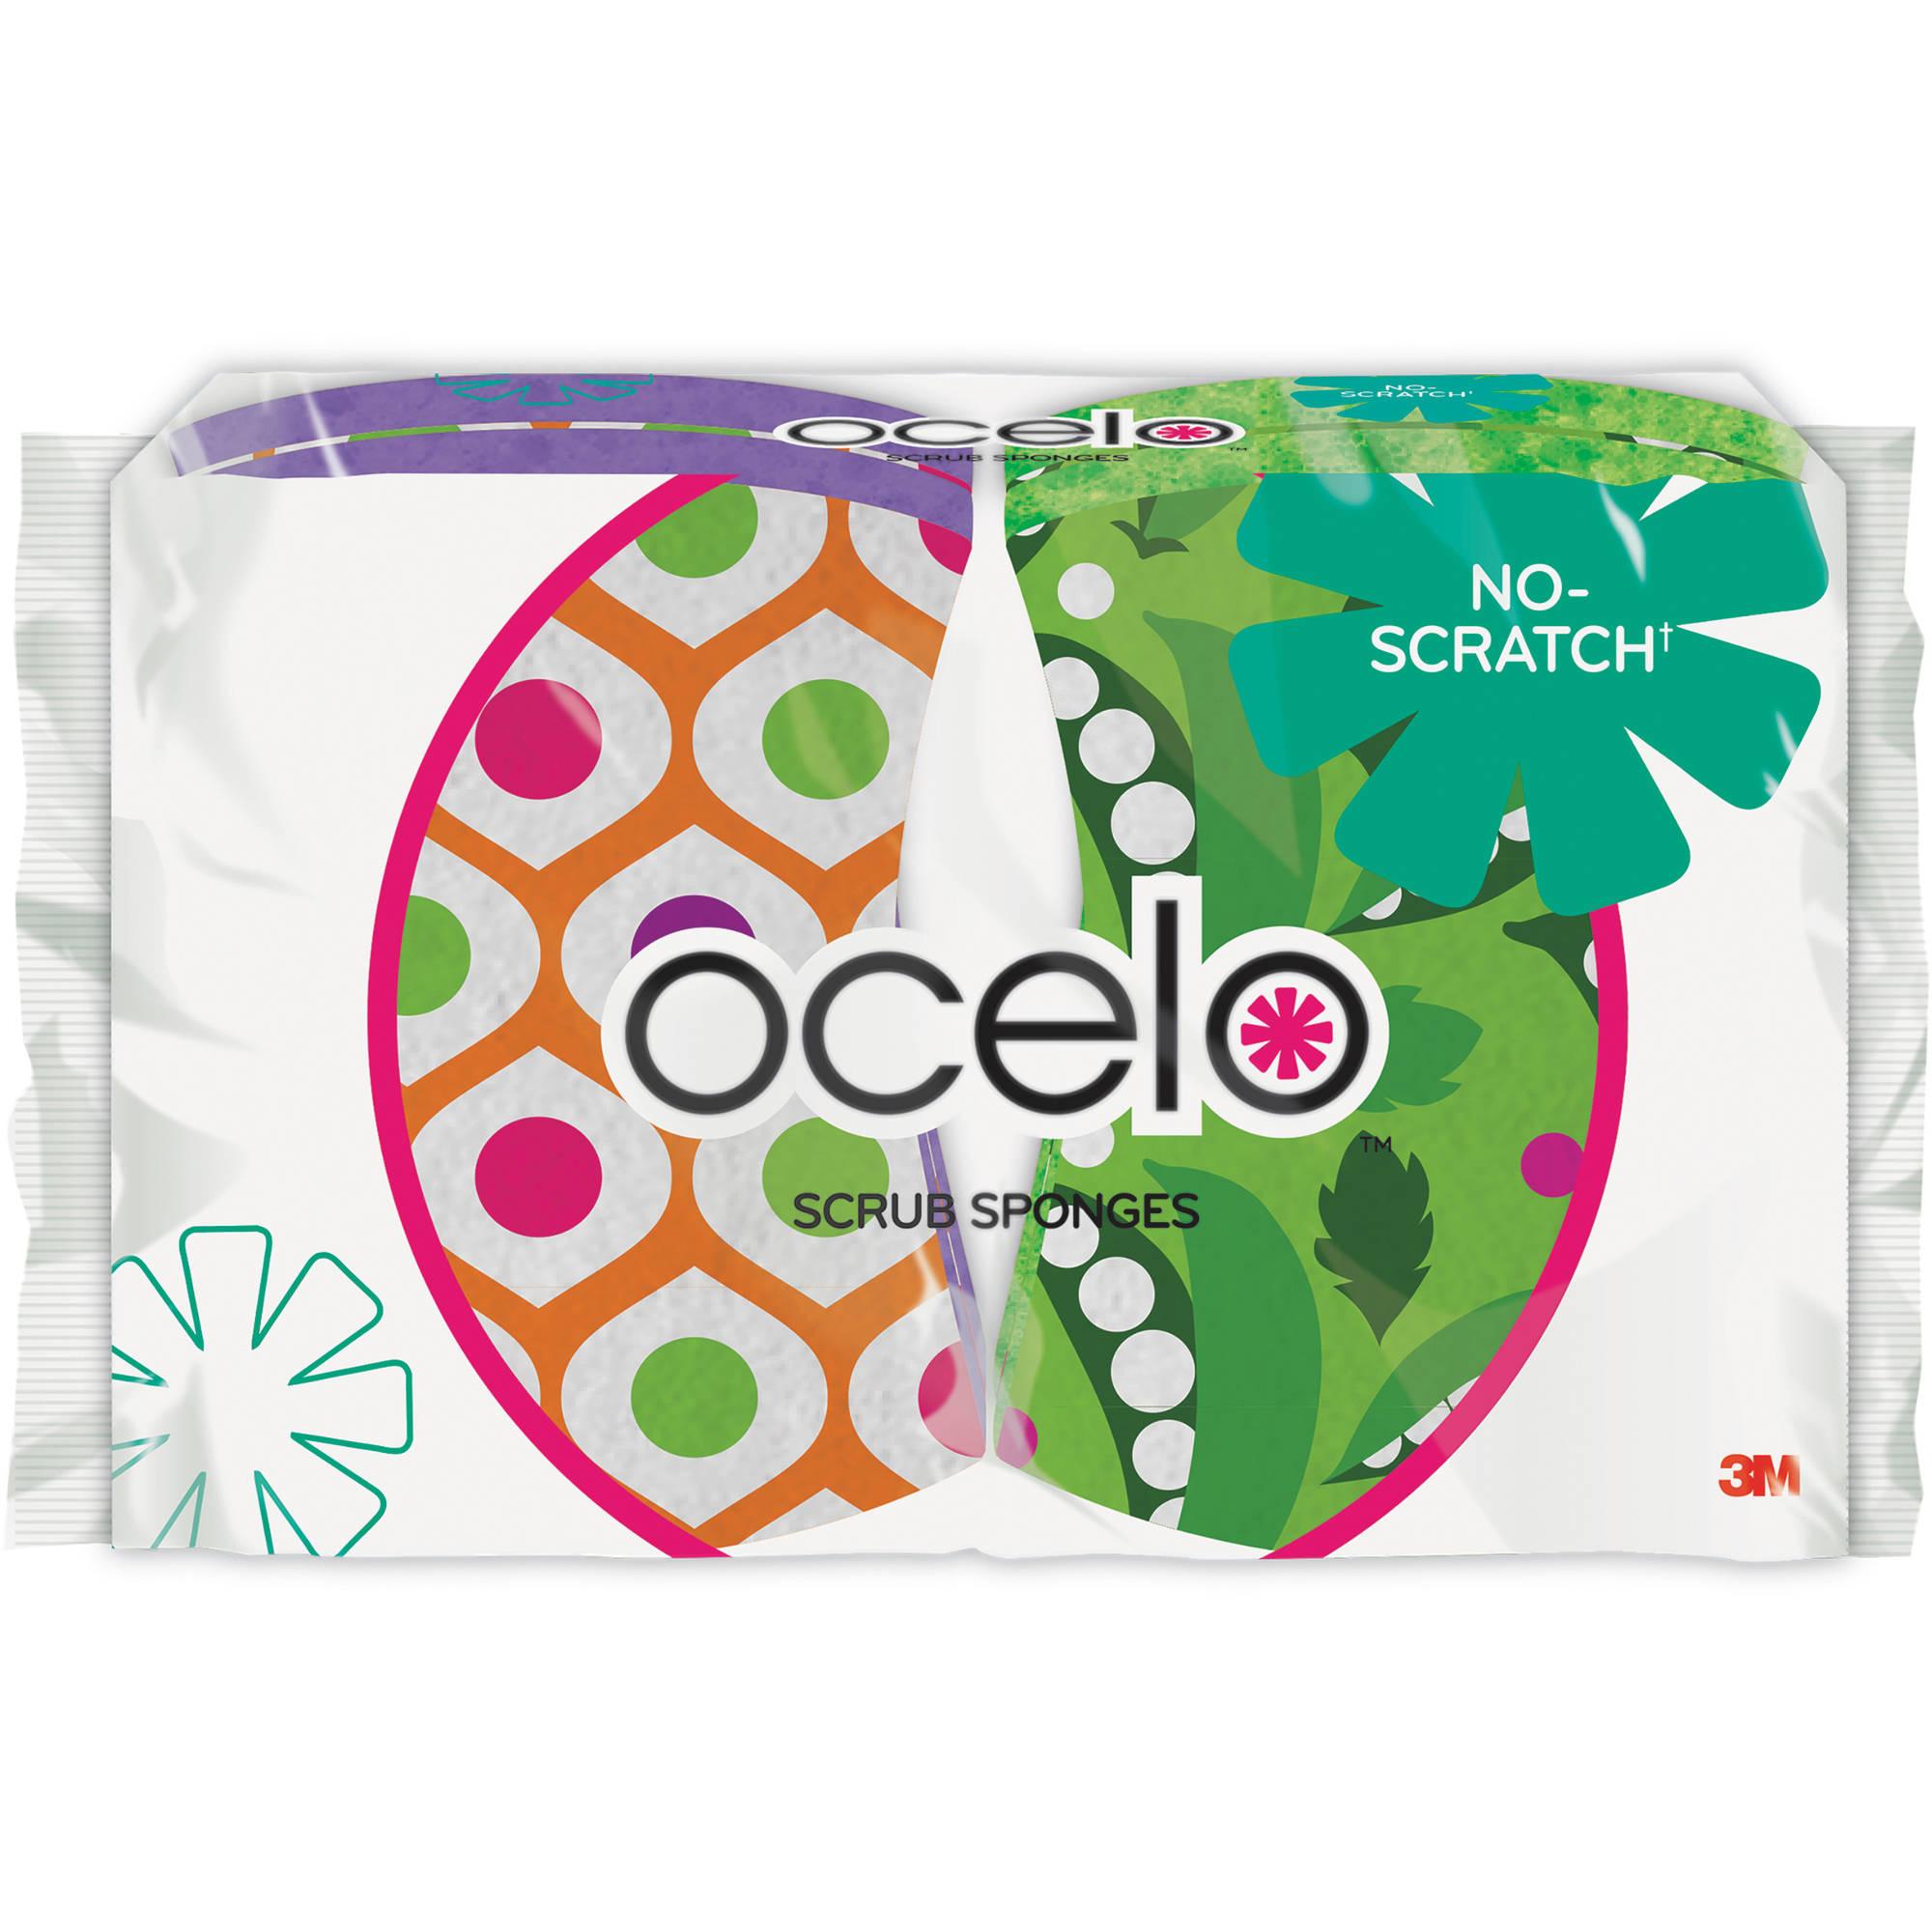 ocelo No-Scratch Scrub Sponge, 4 pack